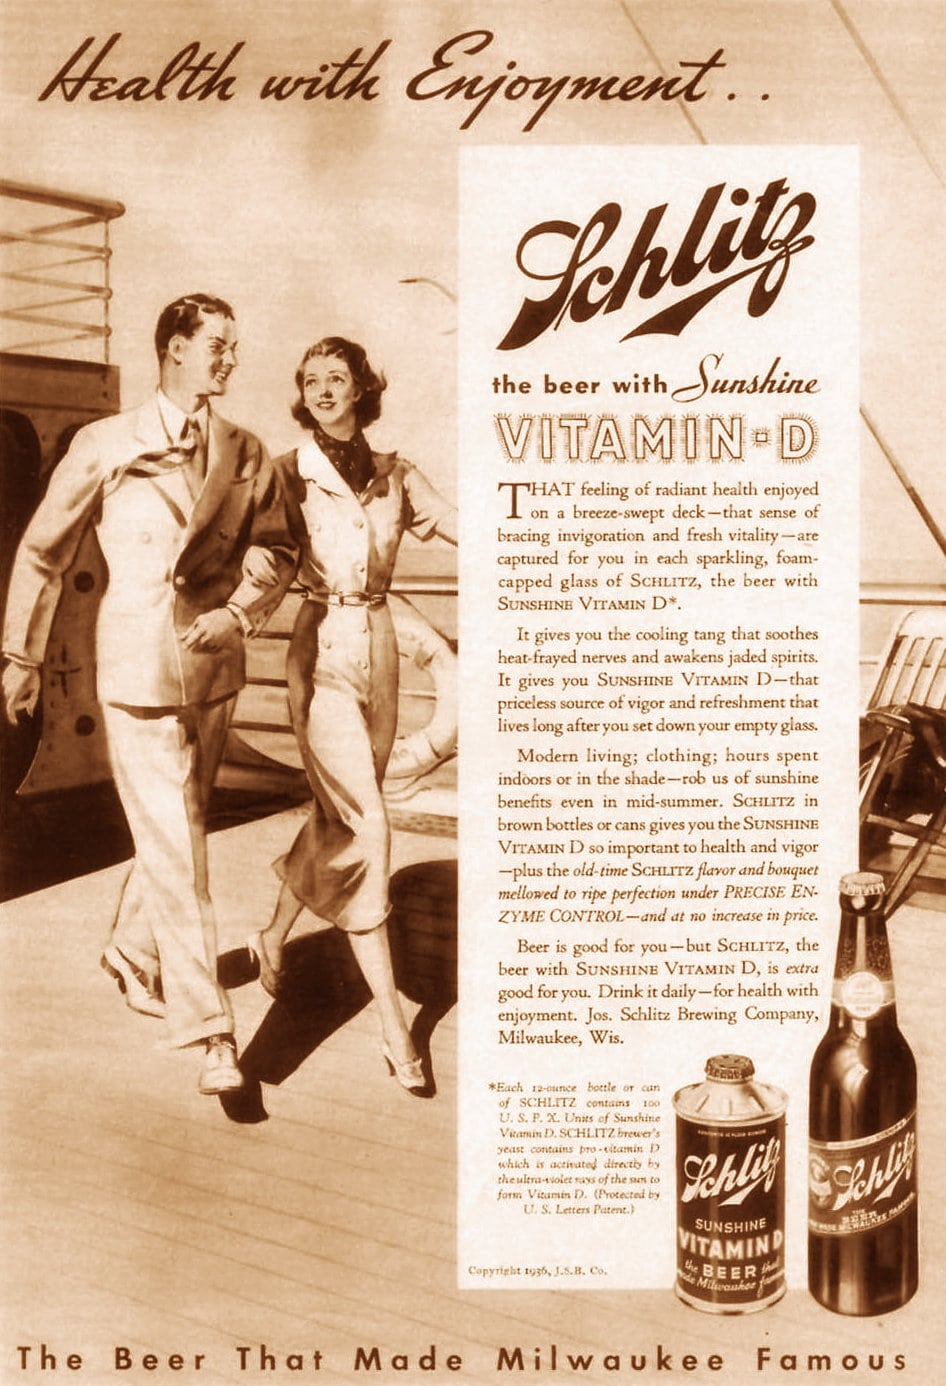 Schlitz beer with vitamin D (1936)